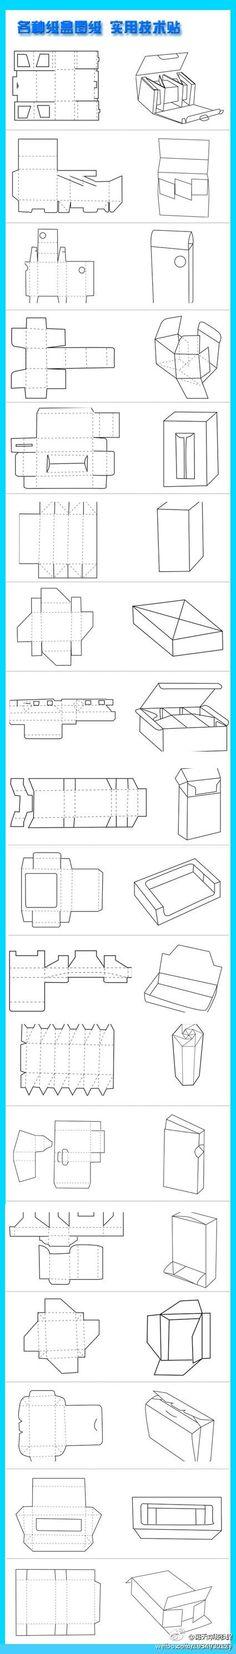 各种纸盒平面图